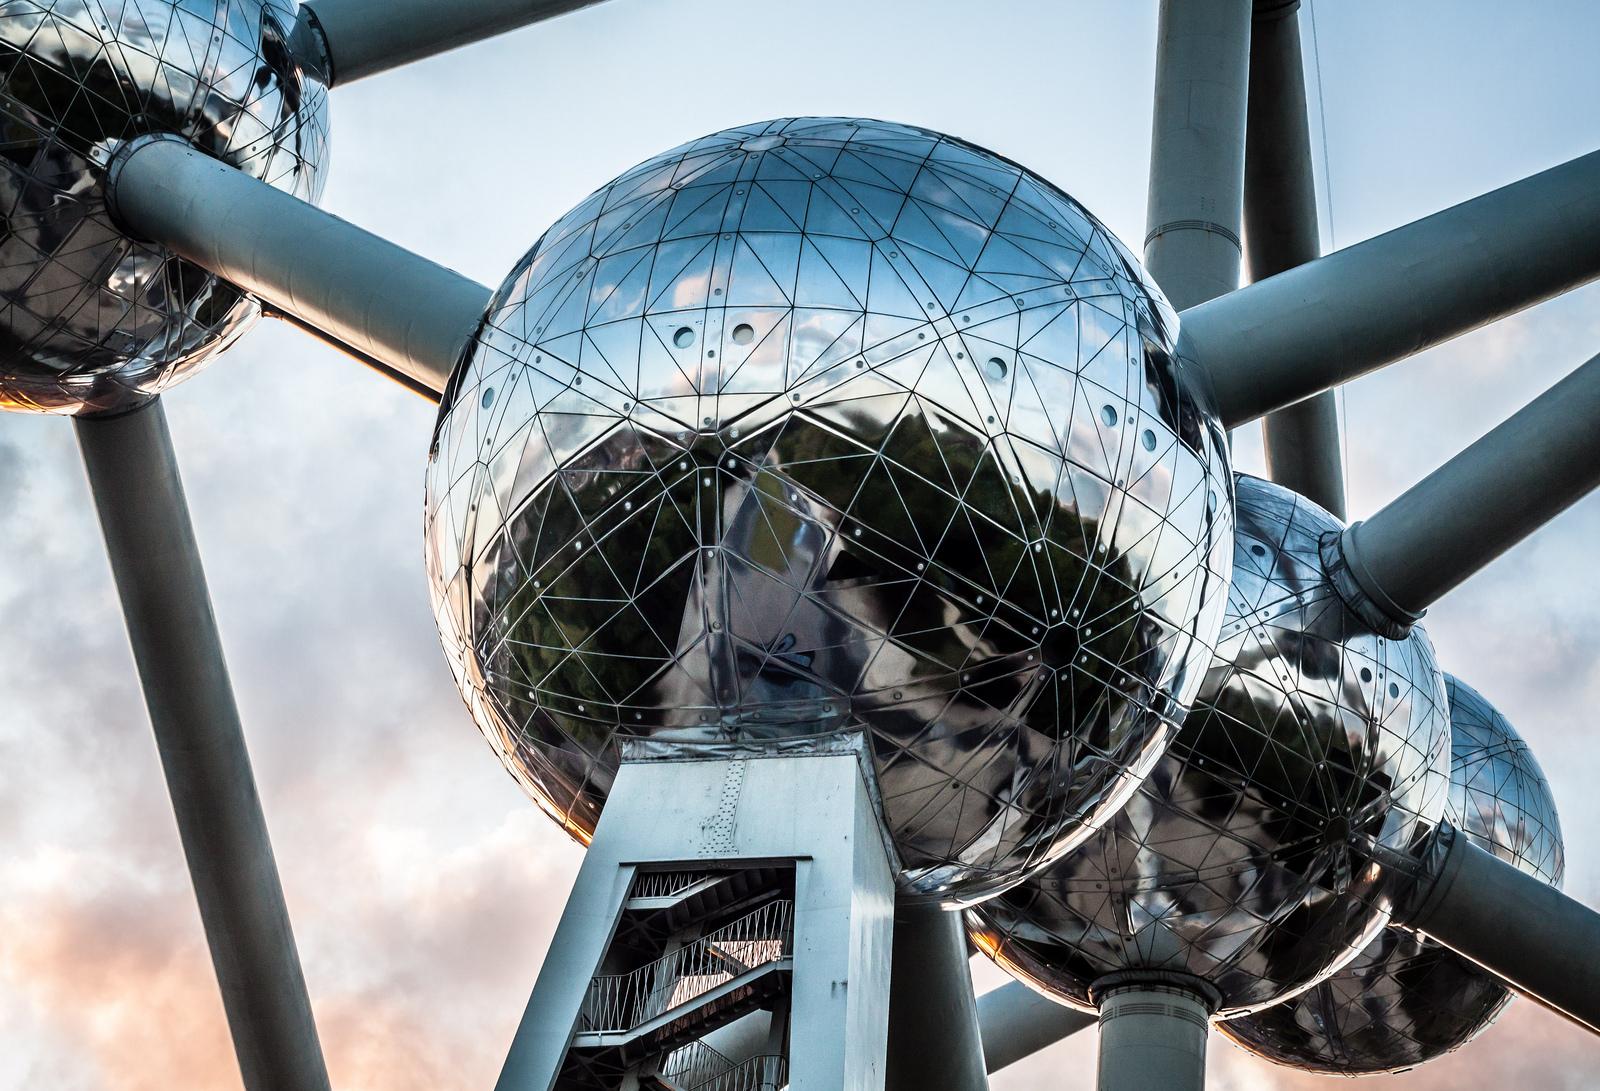 ¿Qué pensamos los europeos de la ciencia y la tecnología?